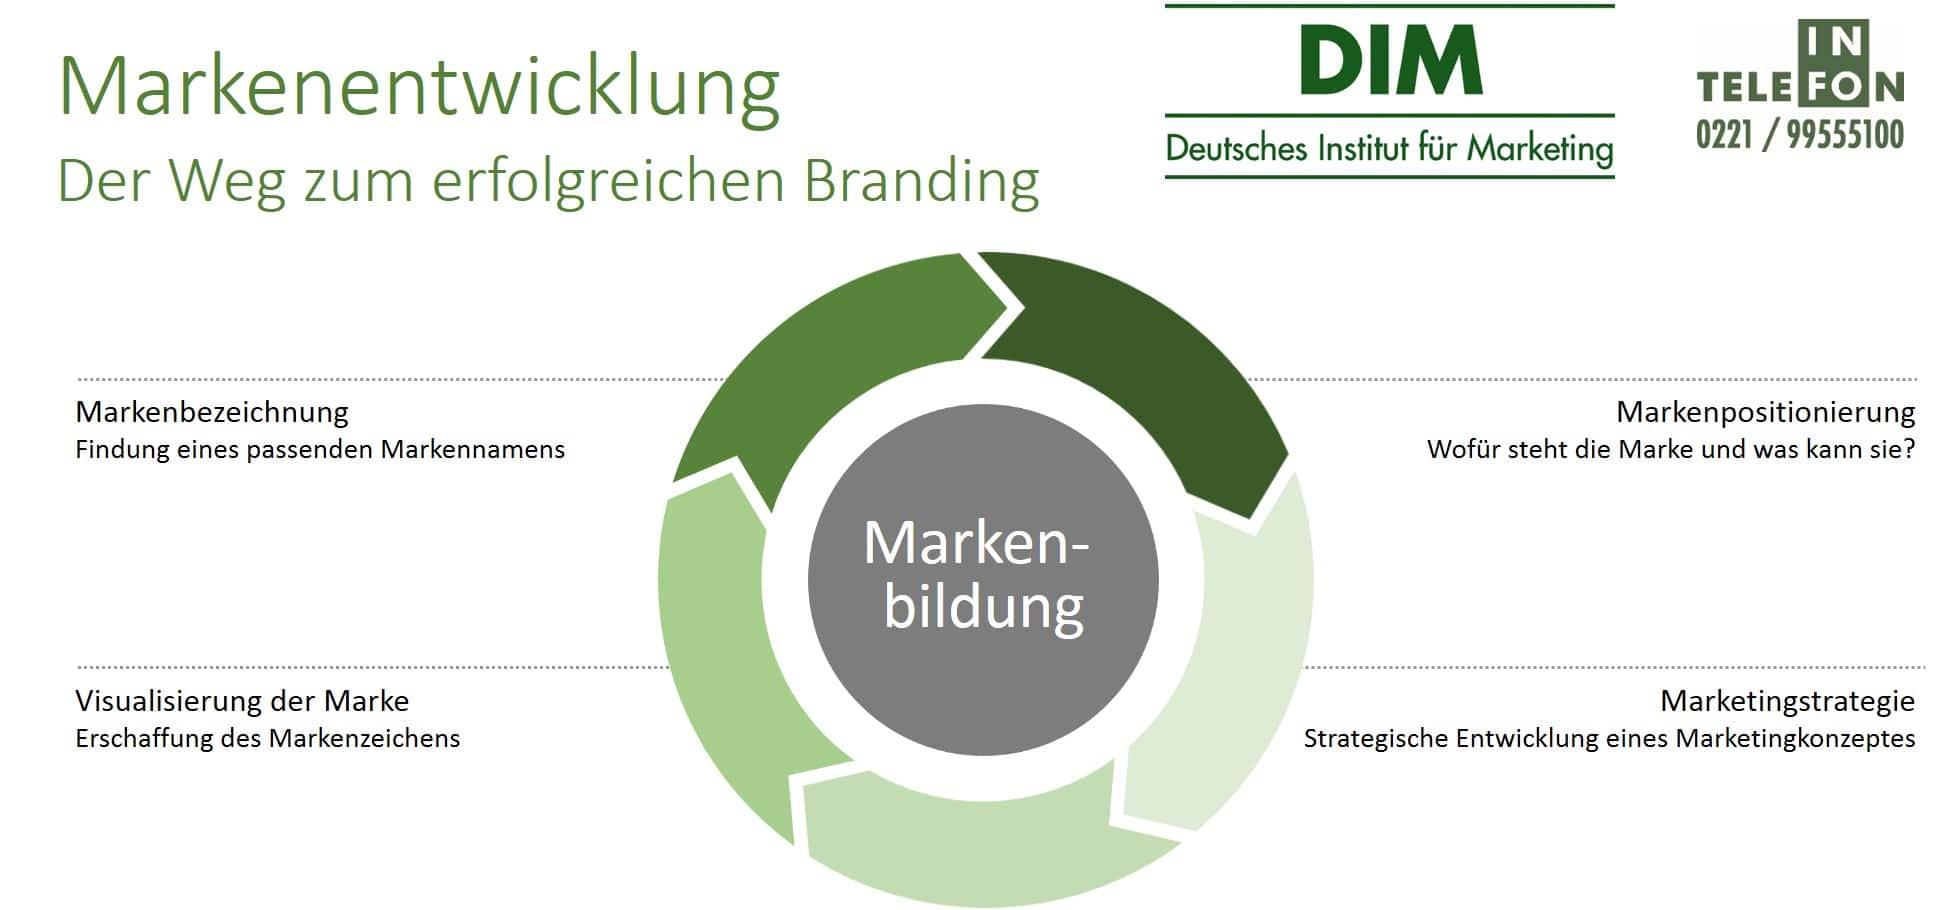 Markenentwicklung